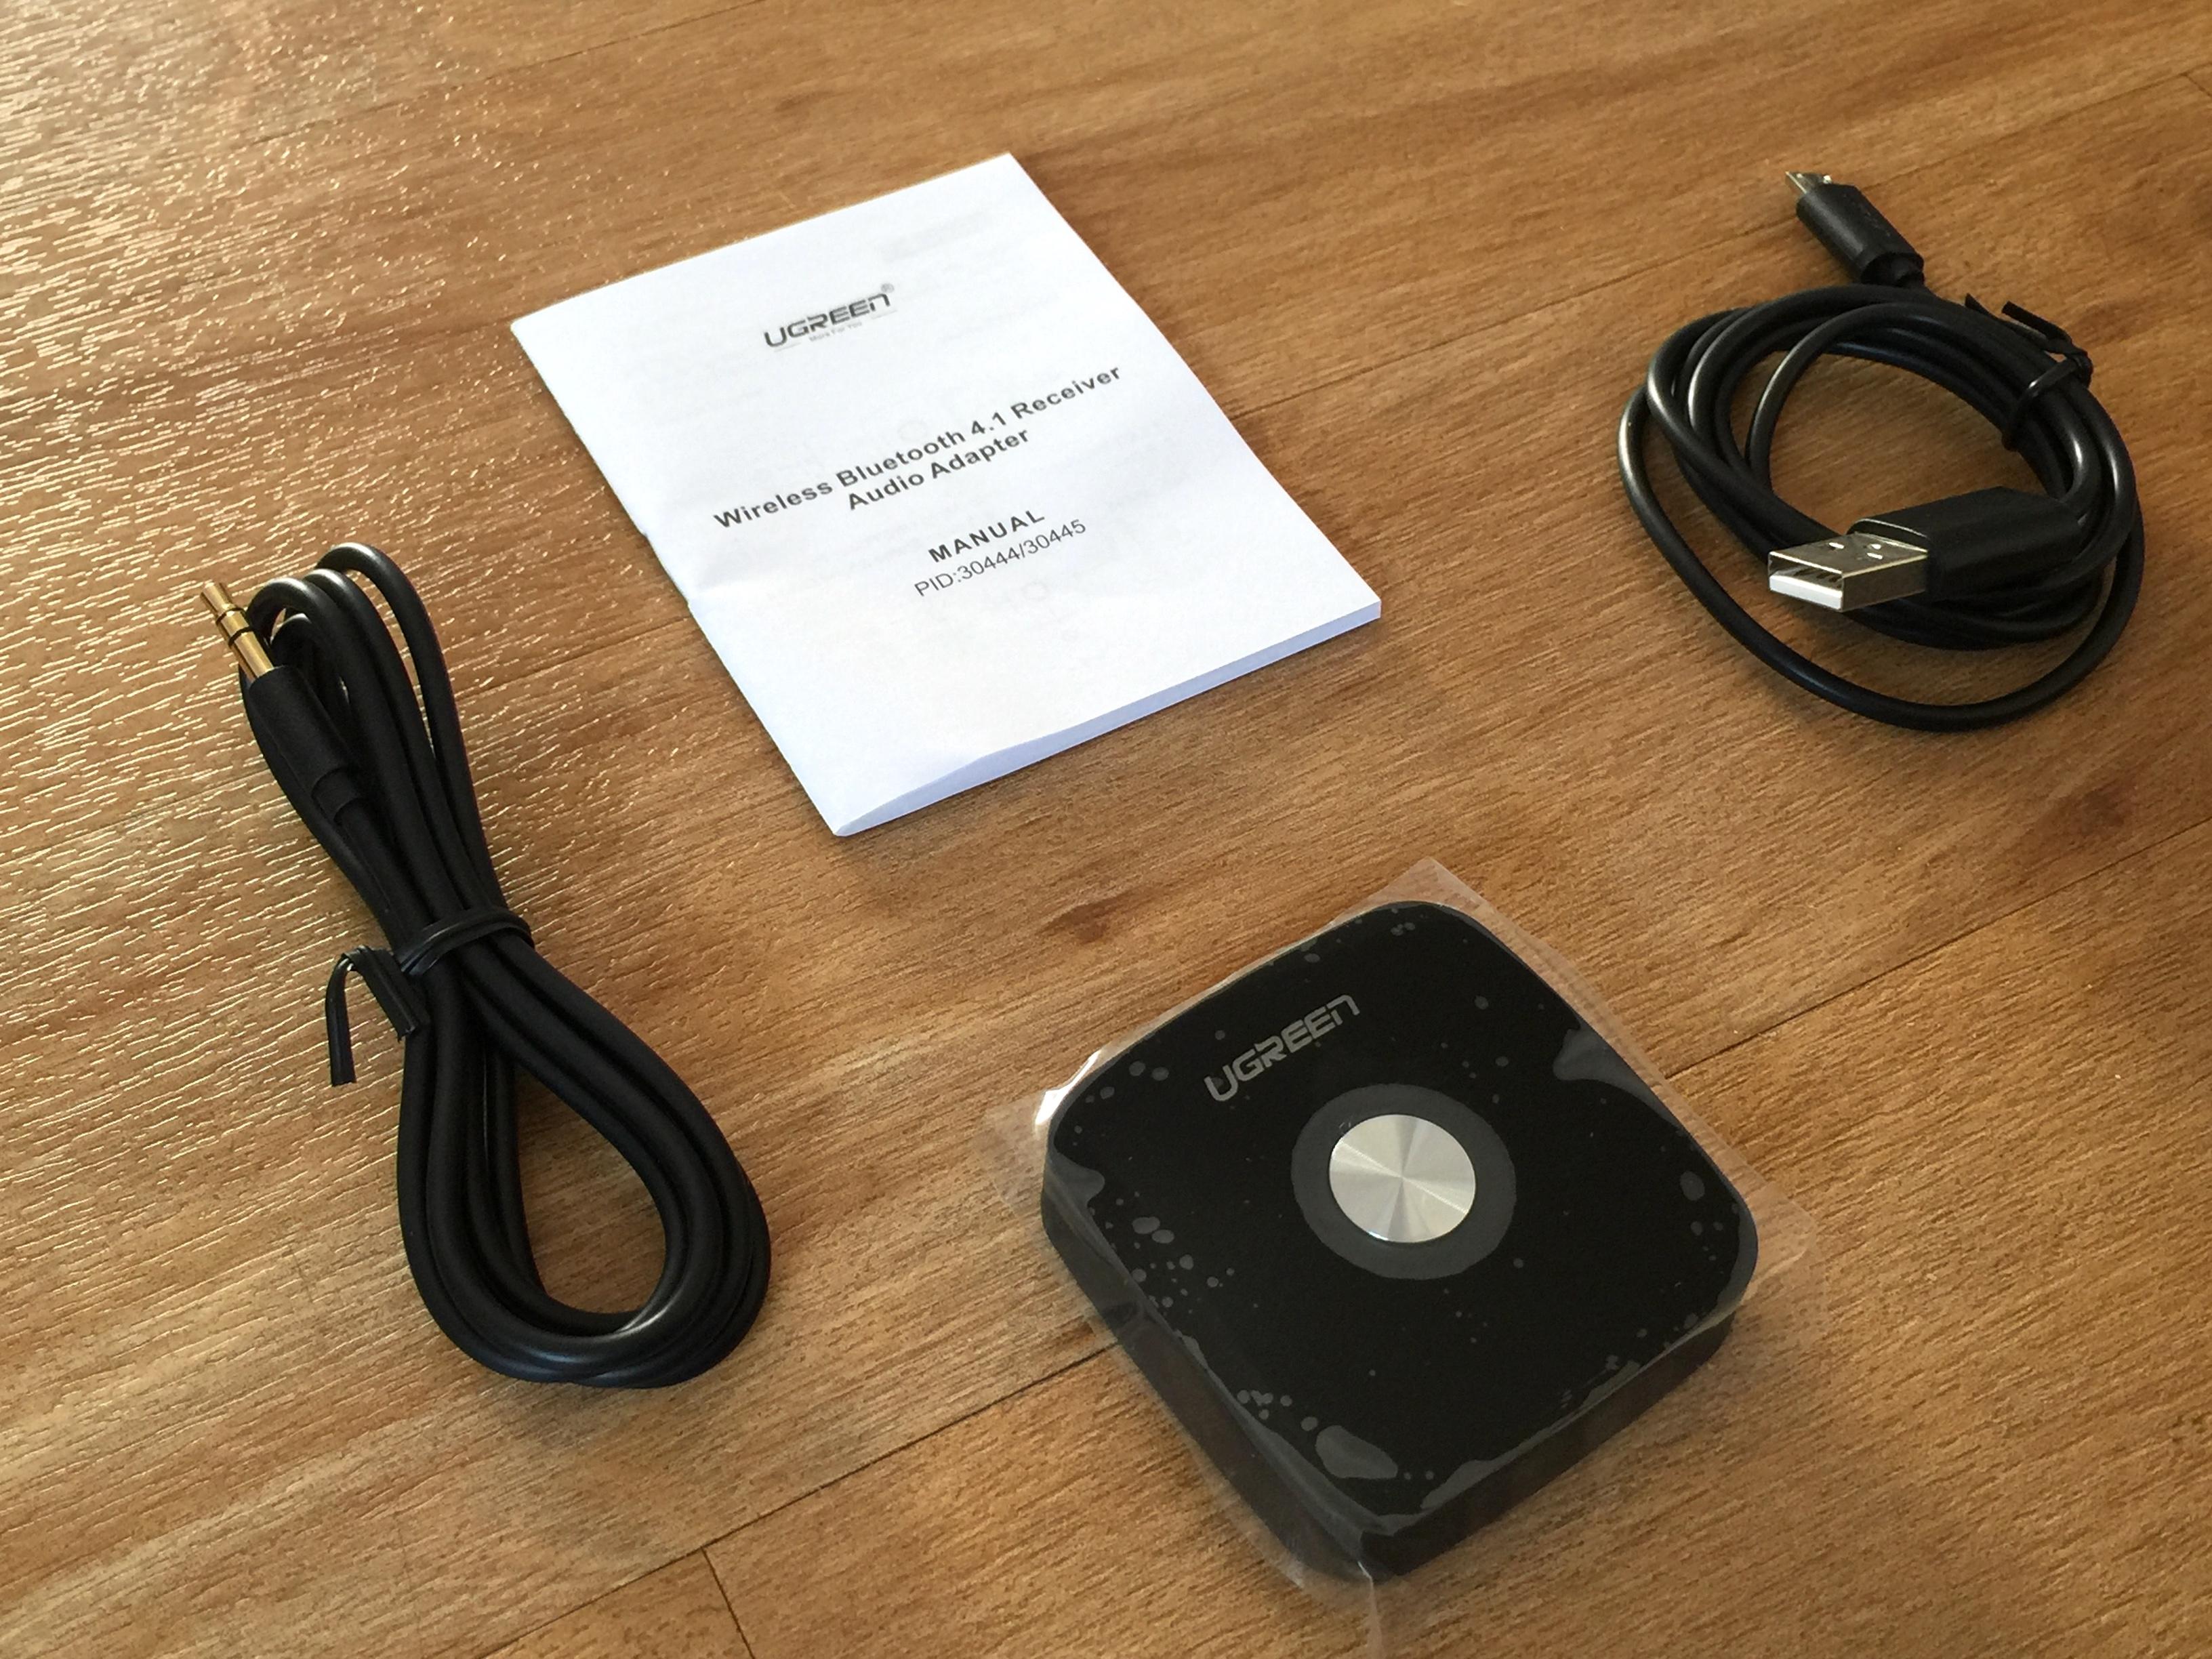 test du r cepteur bluetooth ugreen pour diffuser sans fil sur de l 39 ancien mat riel hi fi. Black Bedroom Furniture Sets. Home Design Ideas